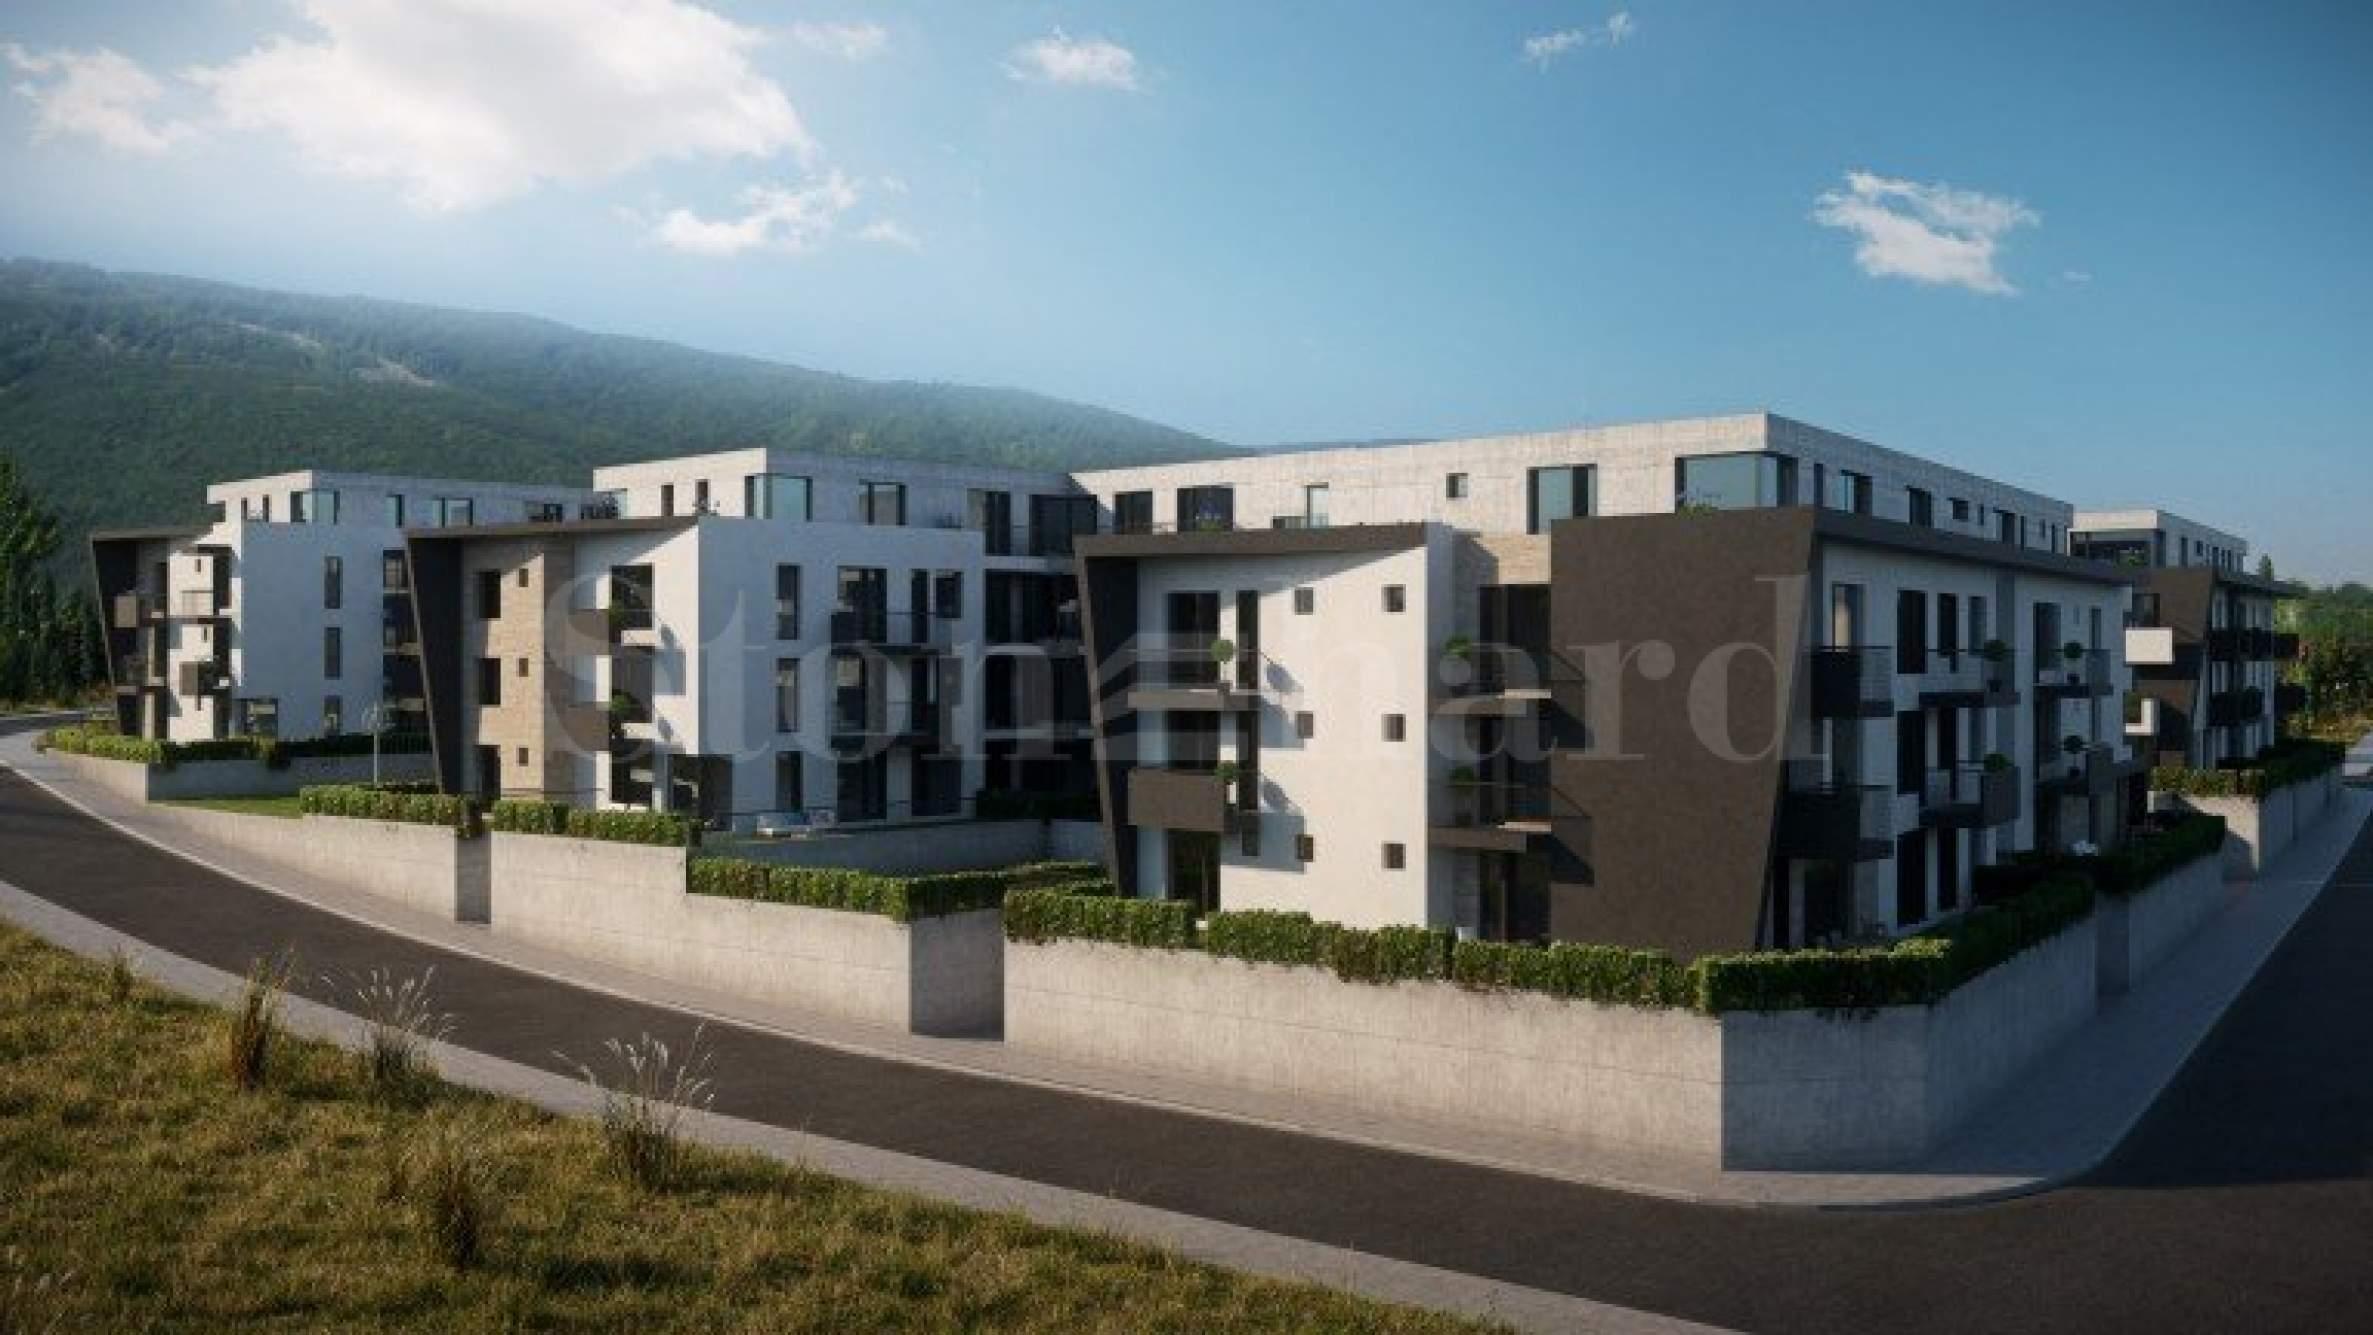 Затворен комплекс с просторни апартаменти в предпочитан район на София1 - Stonehard